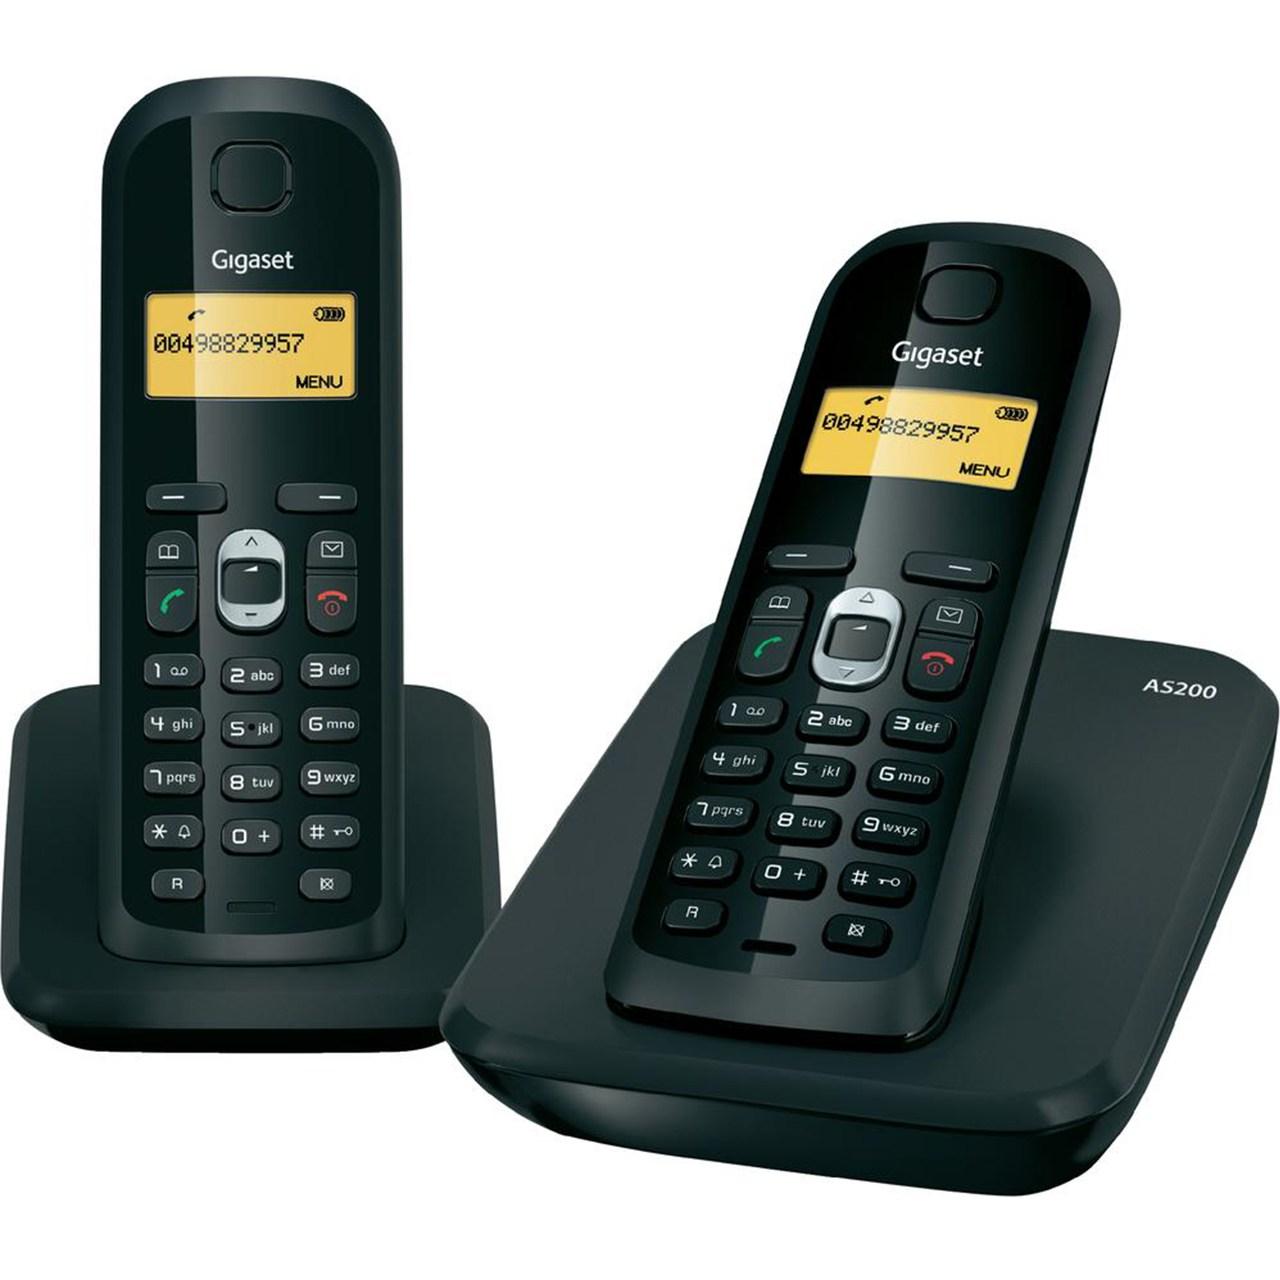 تلفن بی سیم گیگاست مدل AS200 Duo